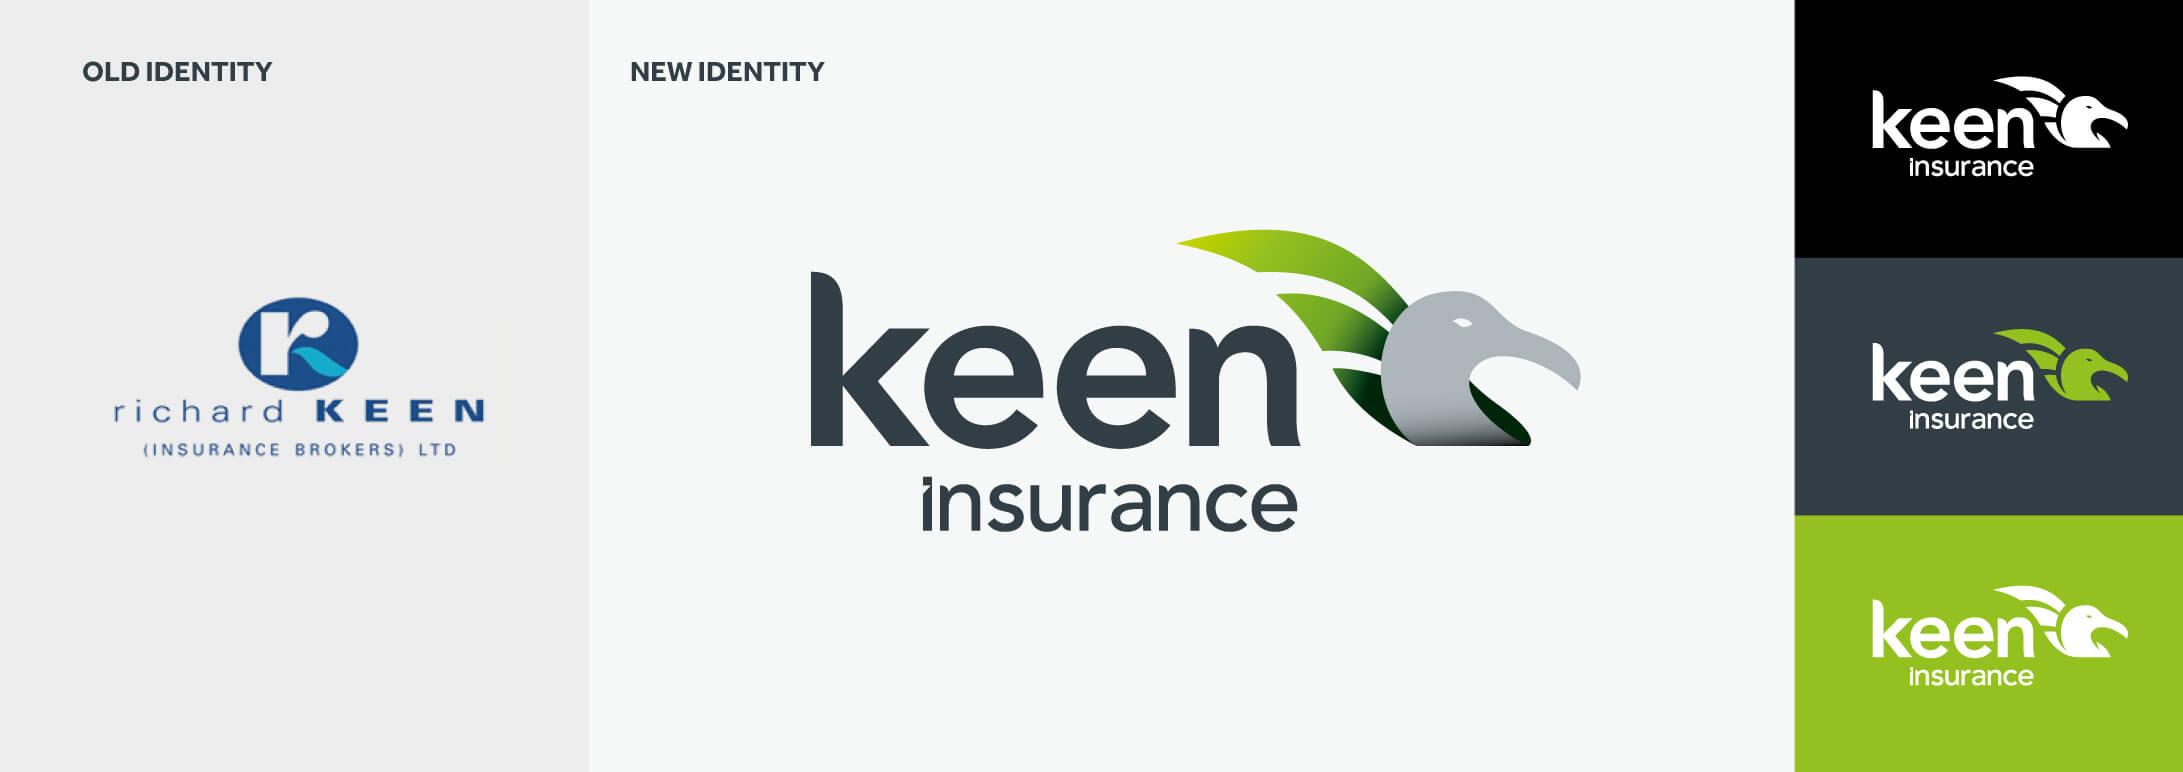 keen insurance branding amp web design limegreentangerine